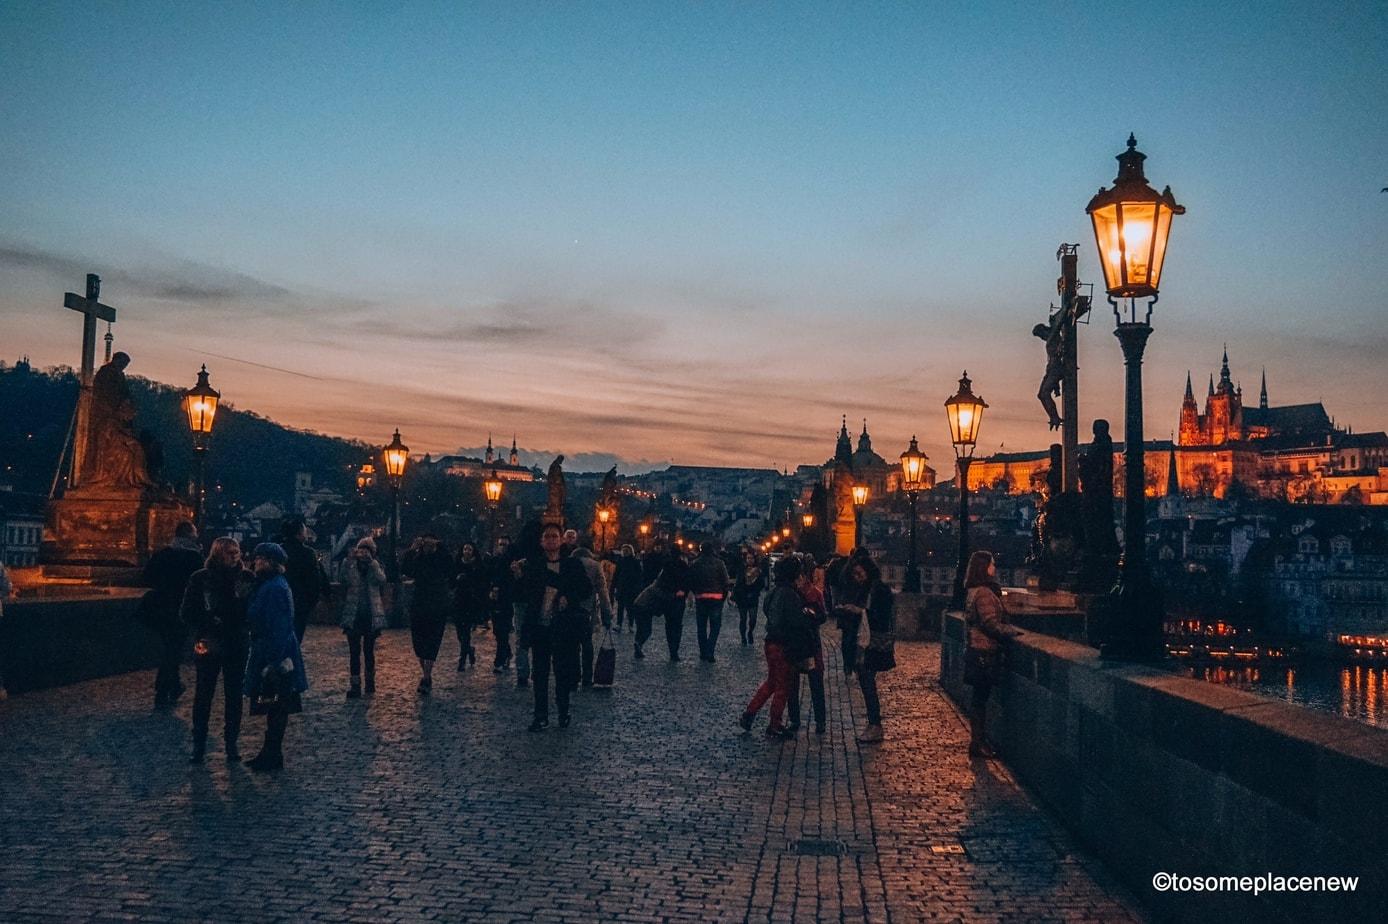 Evening in Prague, Czech Republic